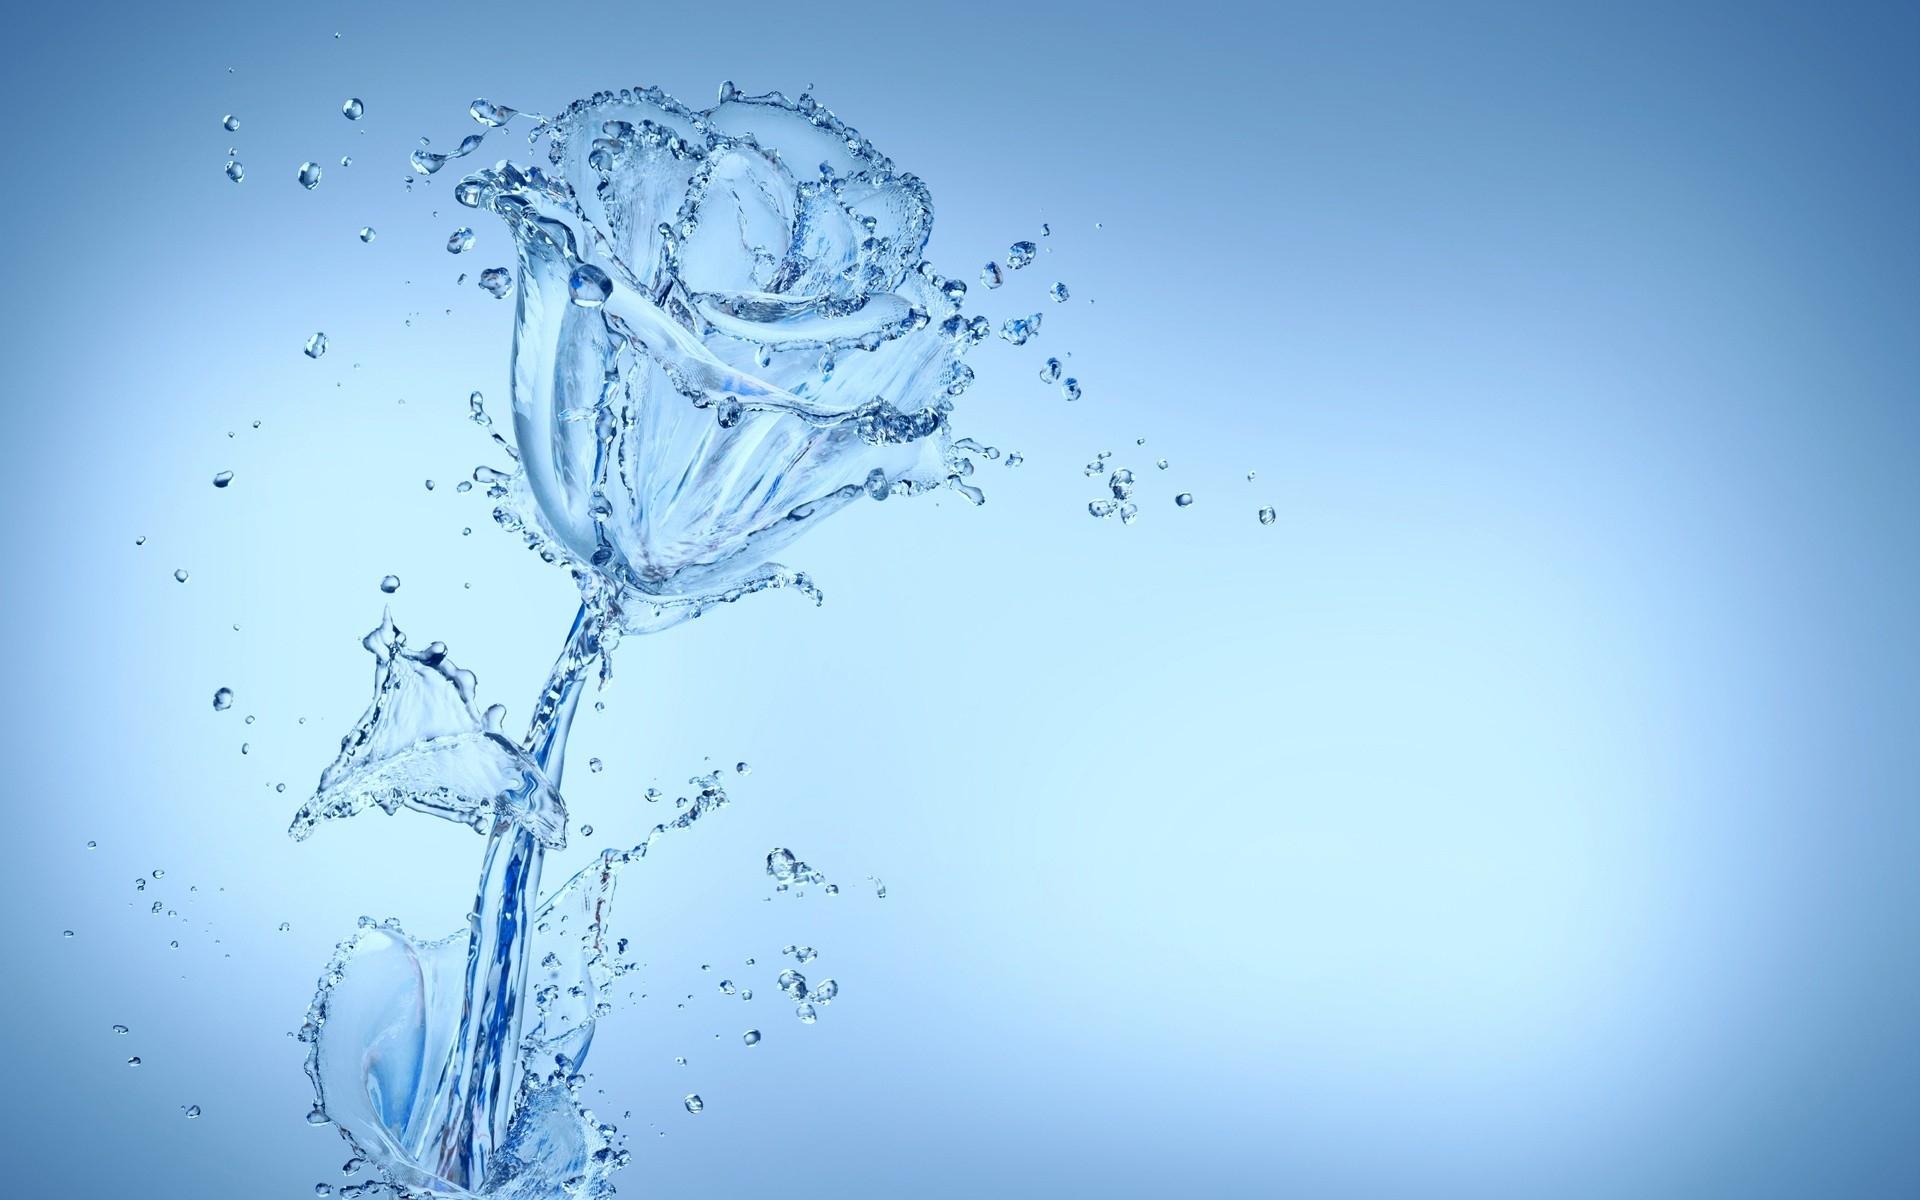 cool water flower wallpaper 37544 1920x1200 px ~ hdwallsource